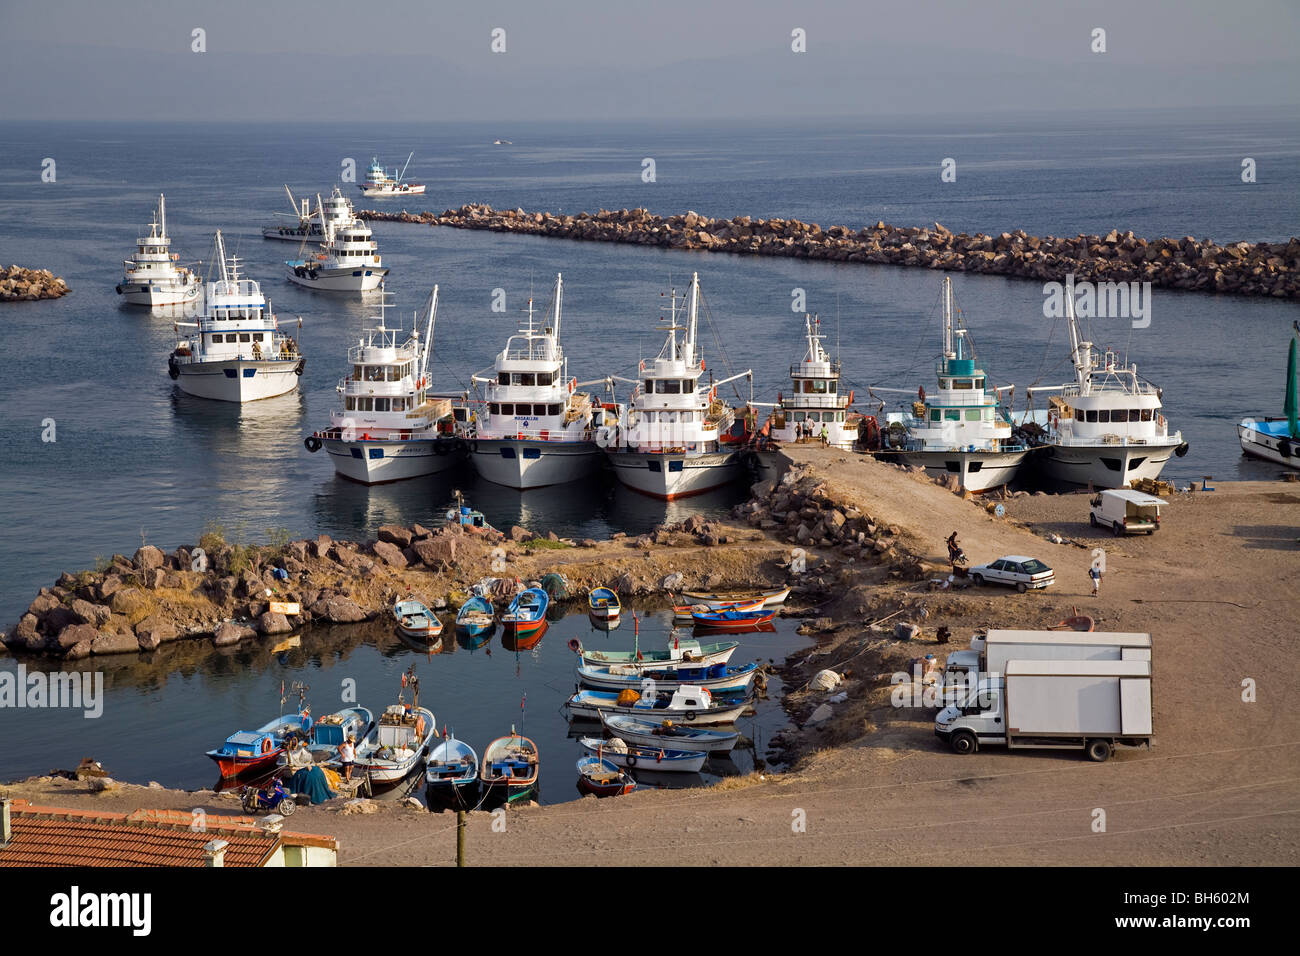 Angelboote/Fischerboote im Hafen von Babakale, Canakkale, Türkei Stockbild